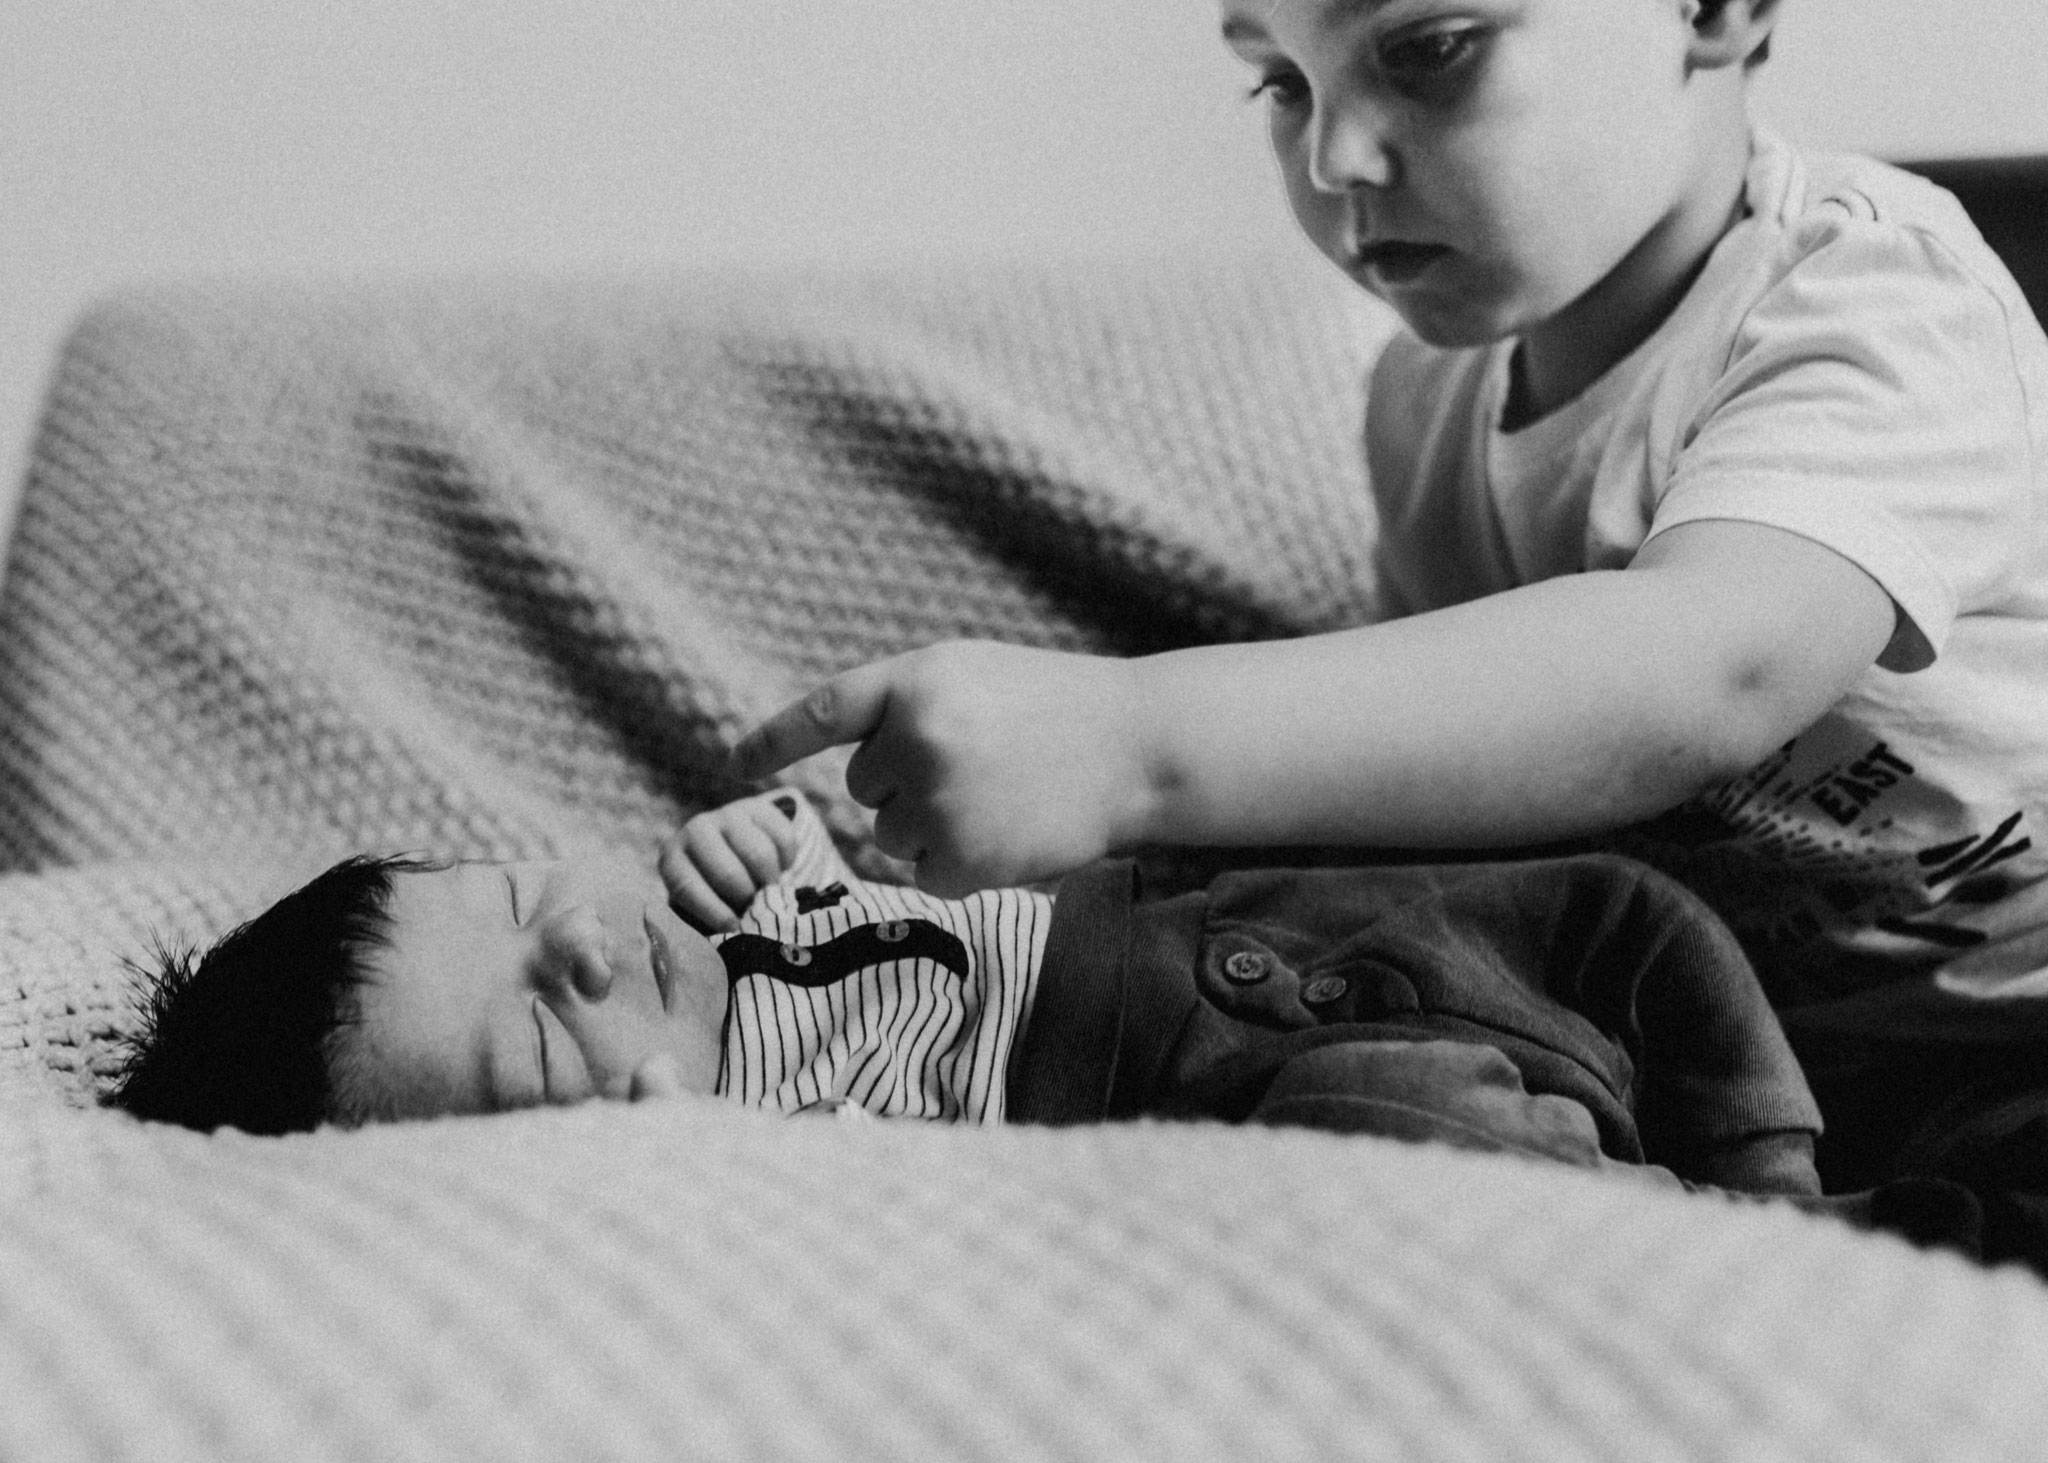 Newbornfotografie | Newbornshooting | Babyfotos | Homestory | Babyshooting | Portraitfotografin Rebecca Adloff | Familienfotos |Ruhrgebiet, Essen, Bochum, Düsseldorf, Köln, NRW, Deutschland, Lüdenscheid